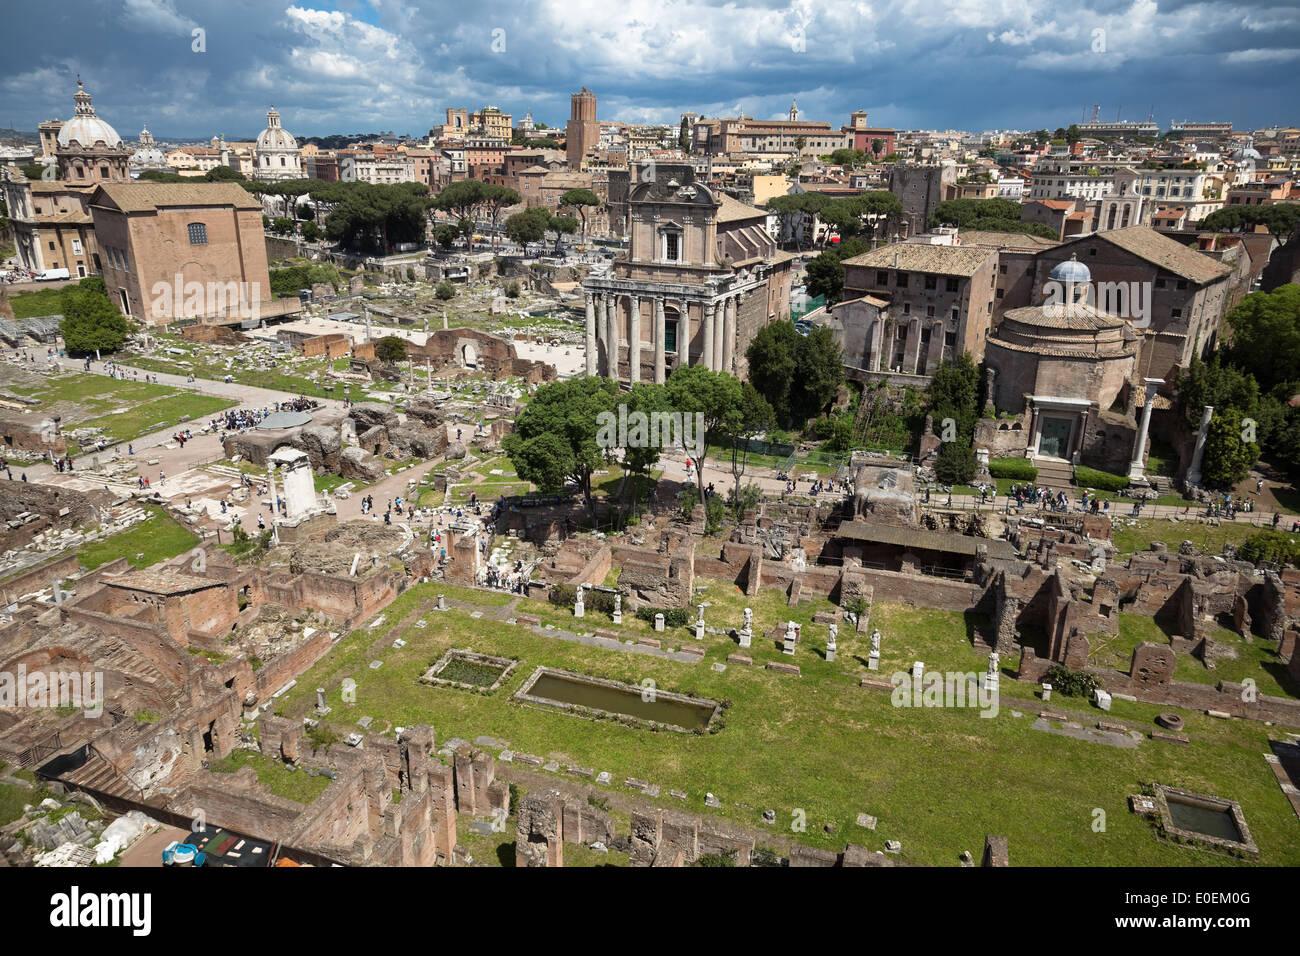 Forum Romanum, Rom, Italien - Forum Romanum, Rom, Italien Stockbild